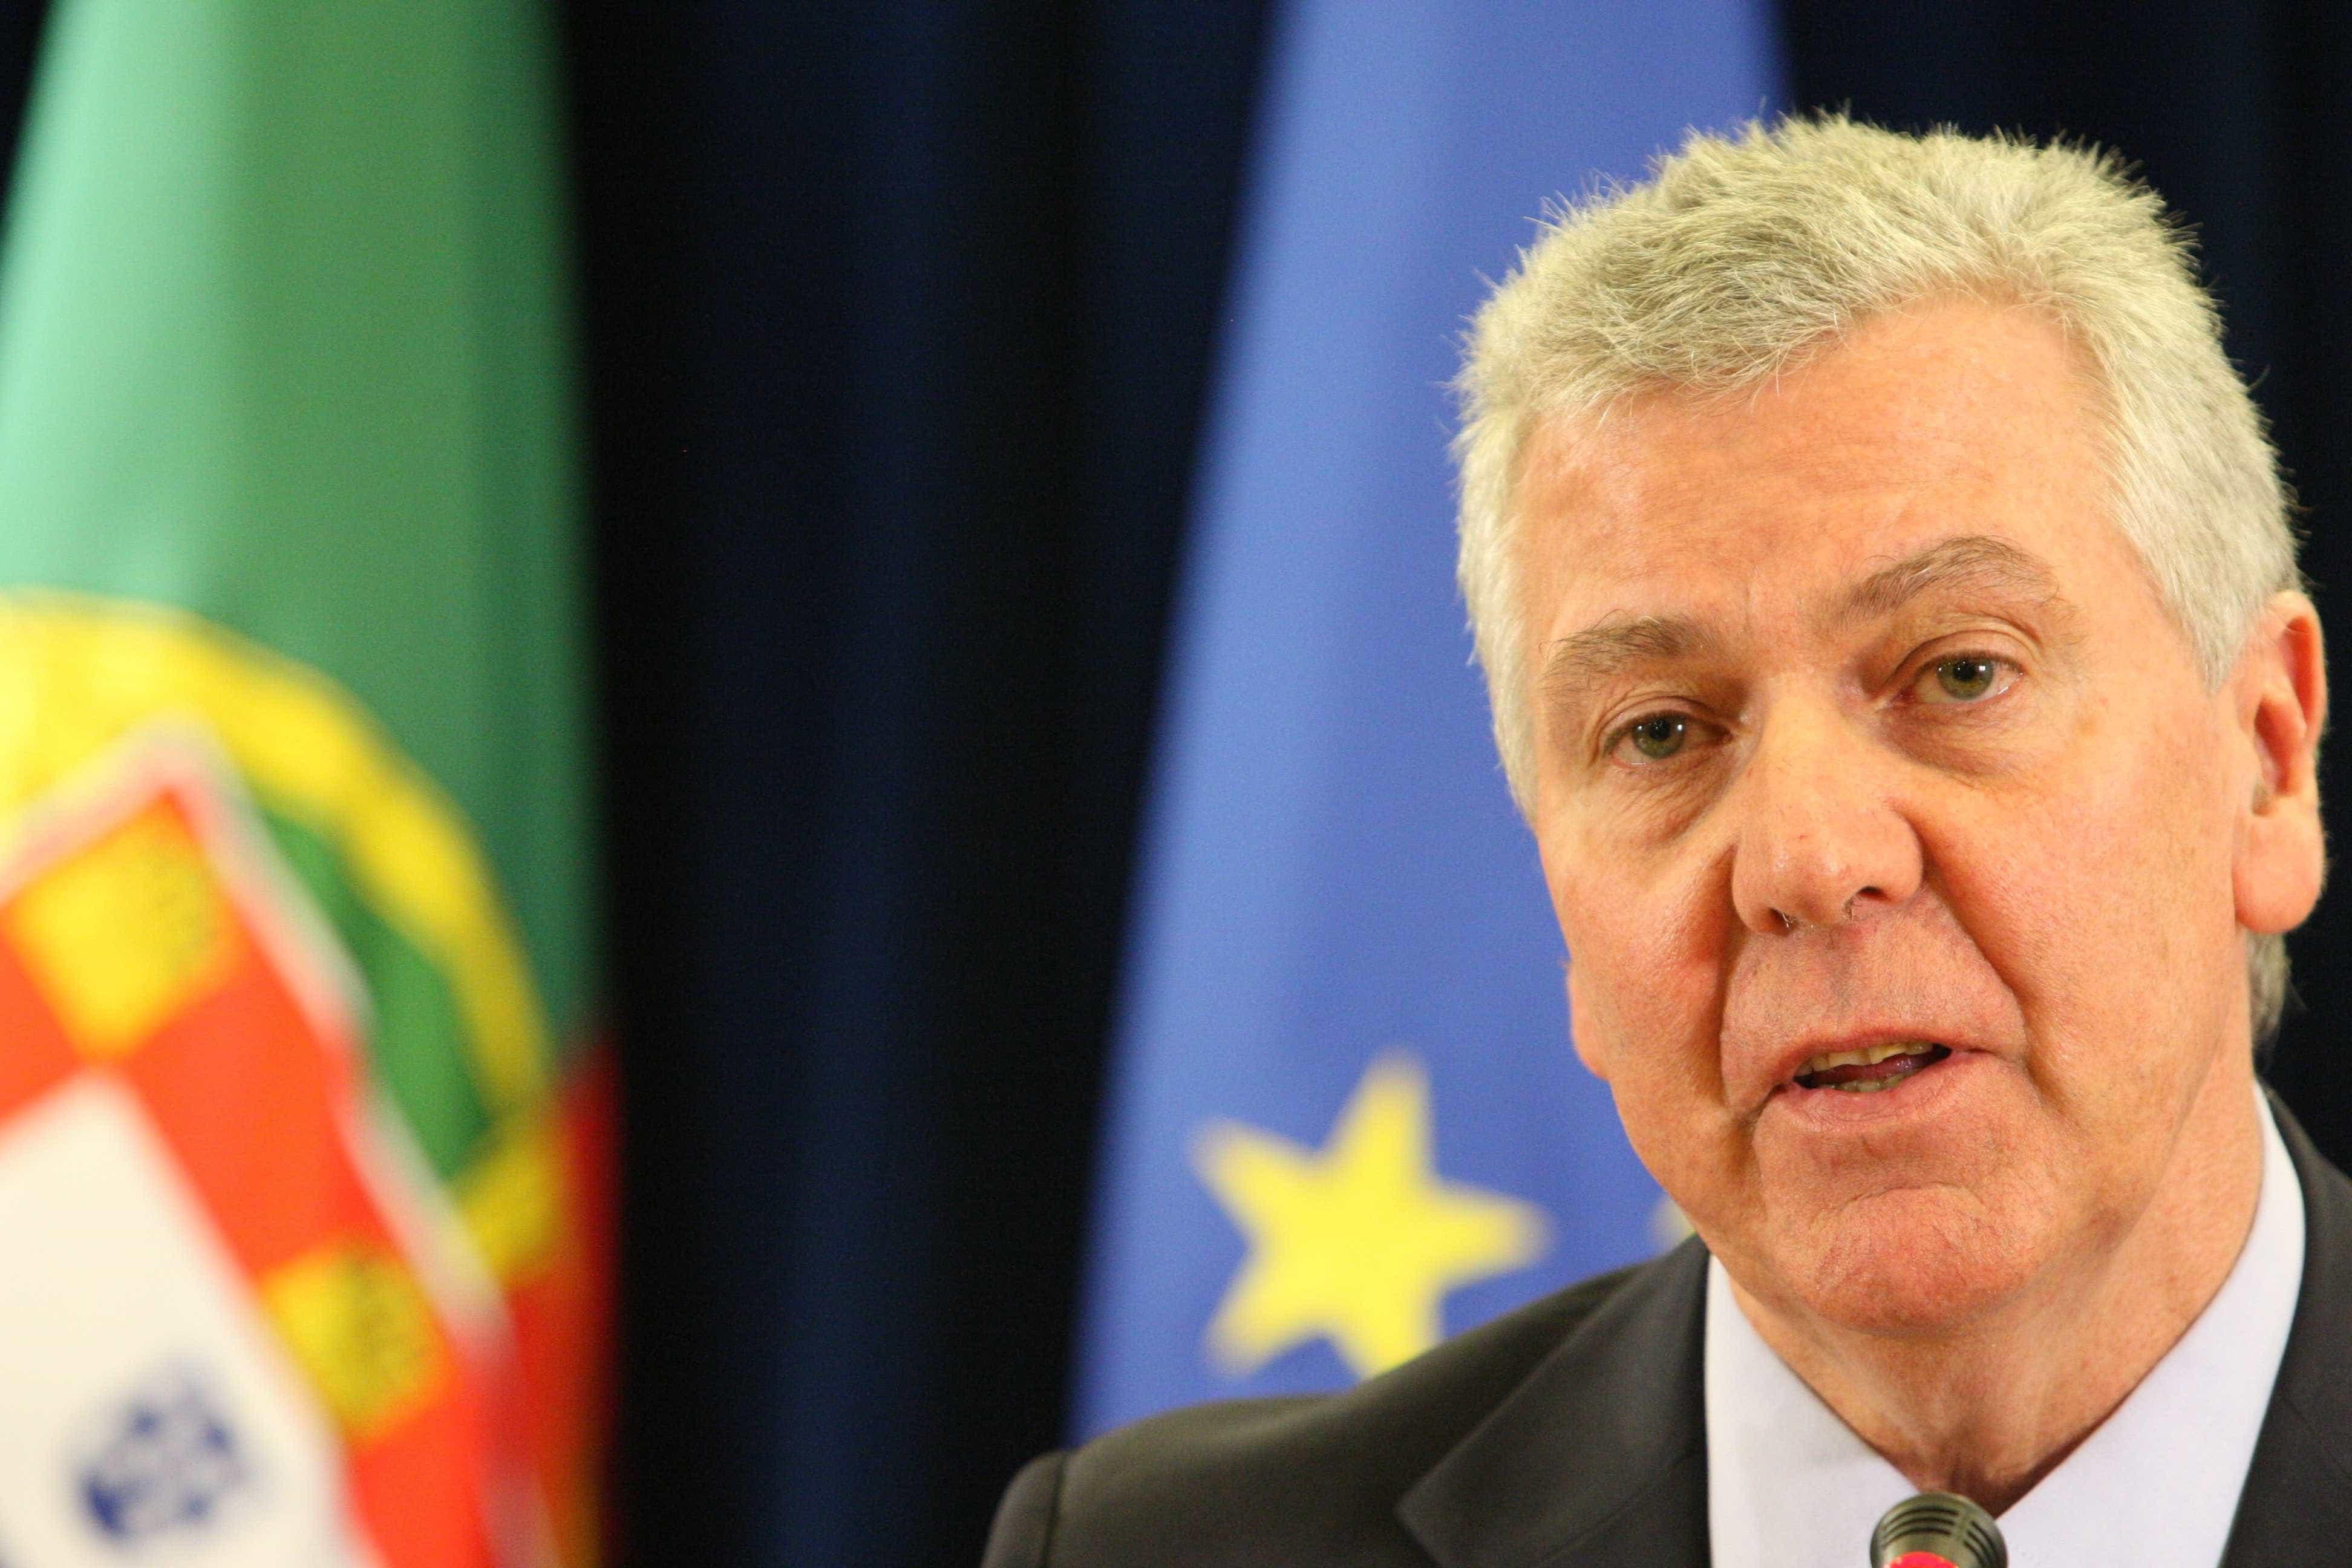 Brexit? Deputado do PSD alerta para problemas com cadernos eleitorais